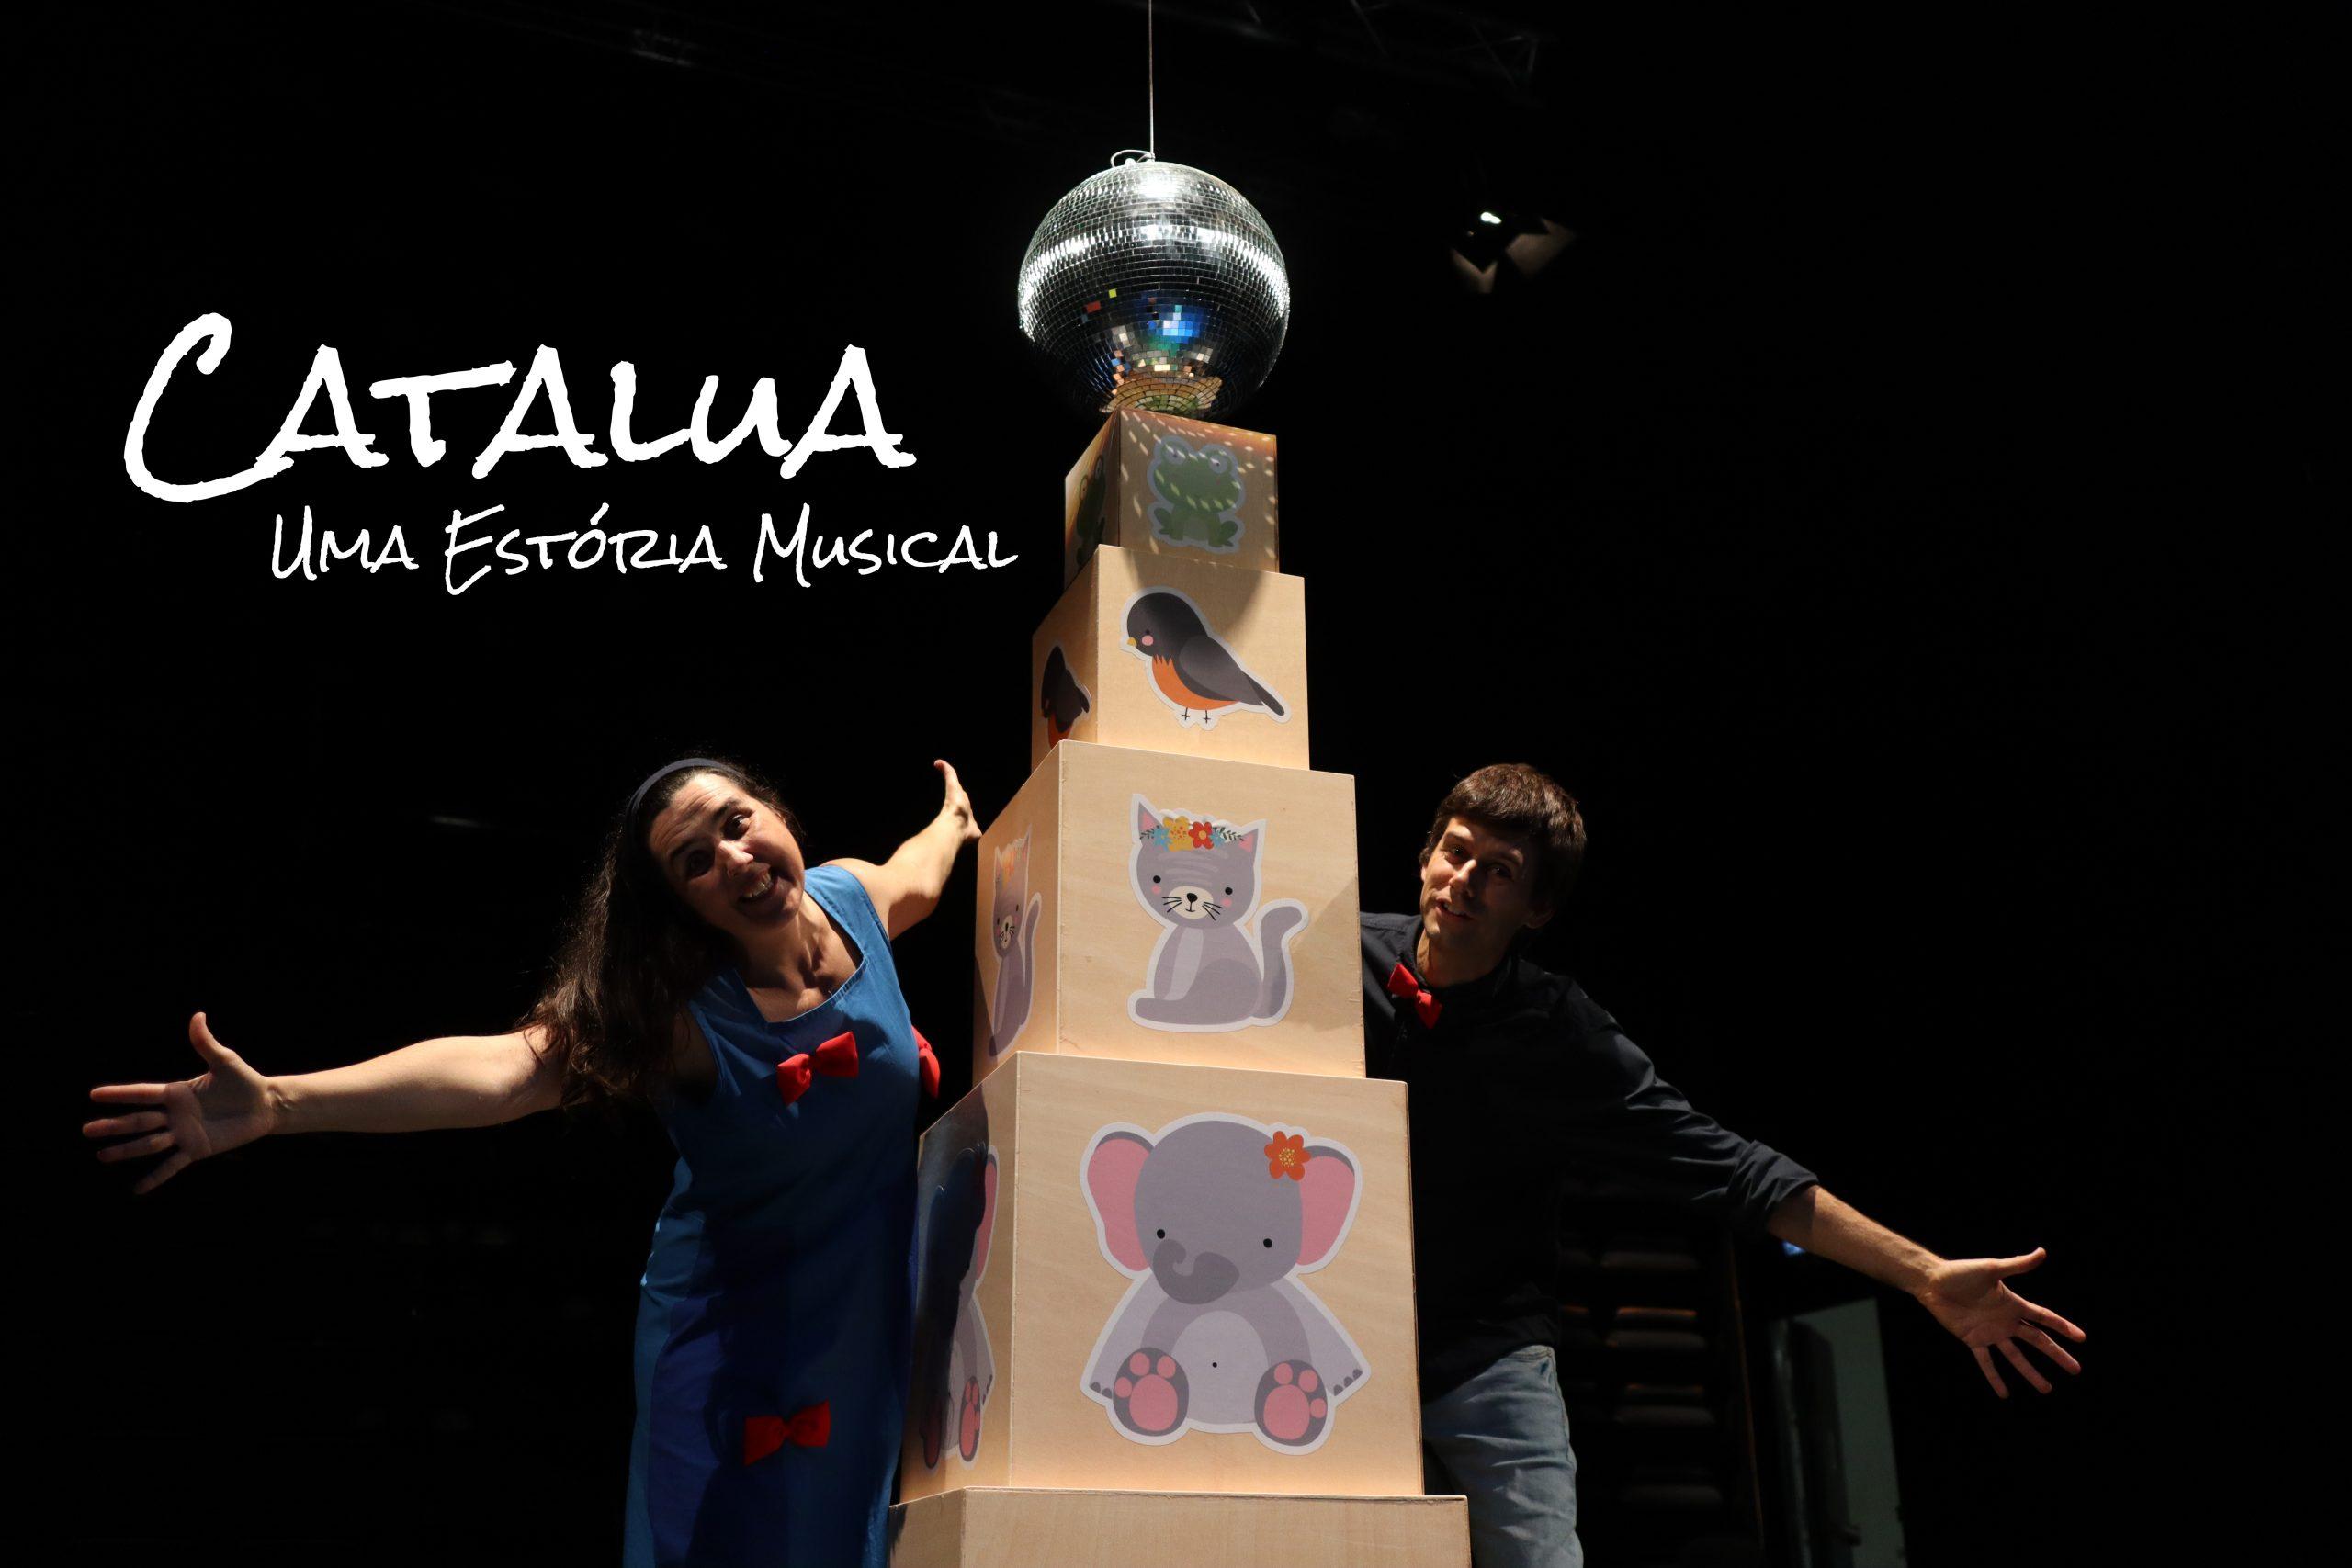 catalua - Cópia